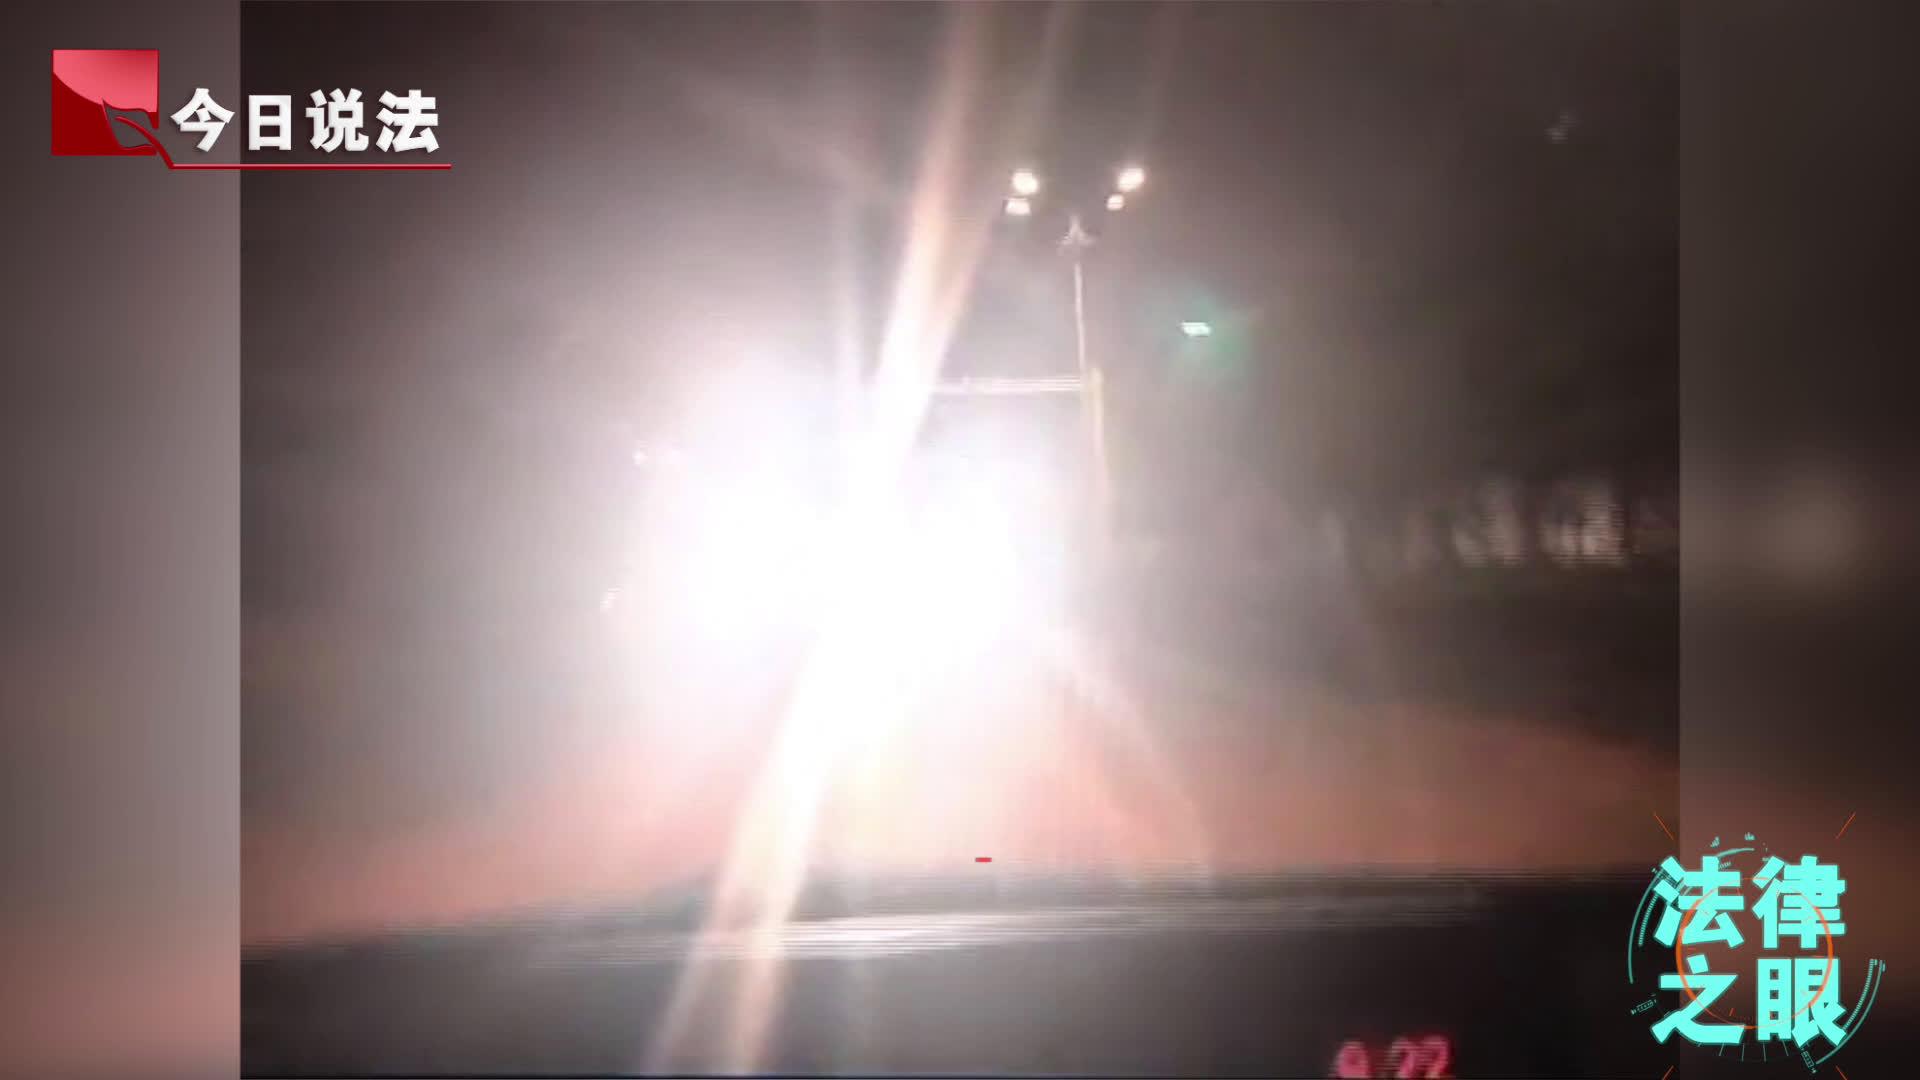 """亮瞎双眼!爆闪""""神车""""车尾装了两组大灯,后车驾驶员眼前一片白茫茫"""